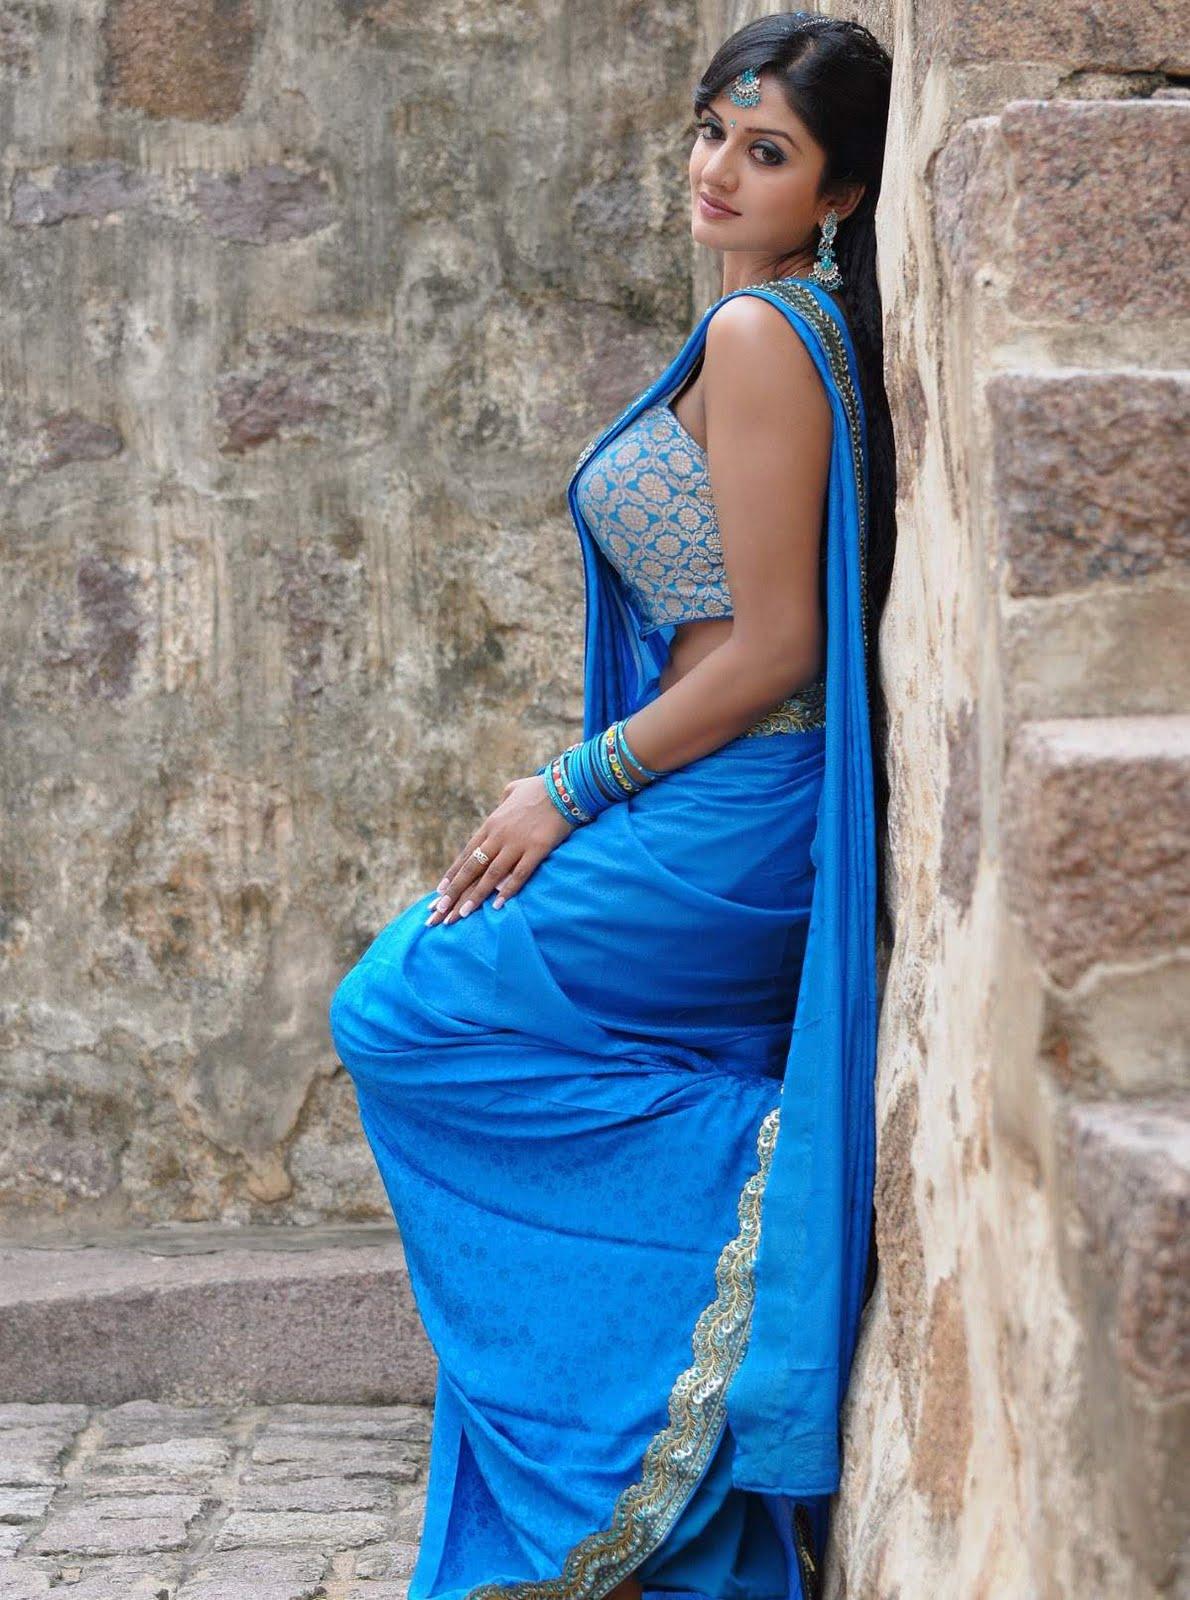 Arab in saree - 3 6